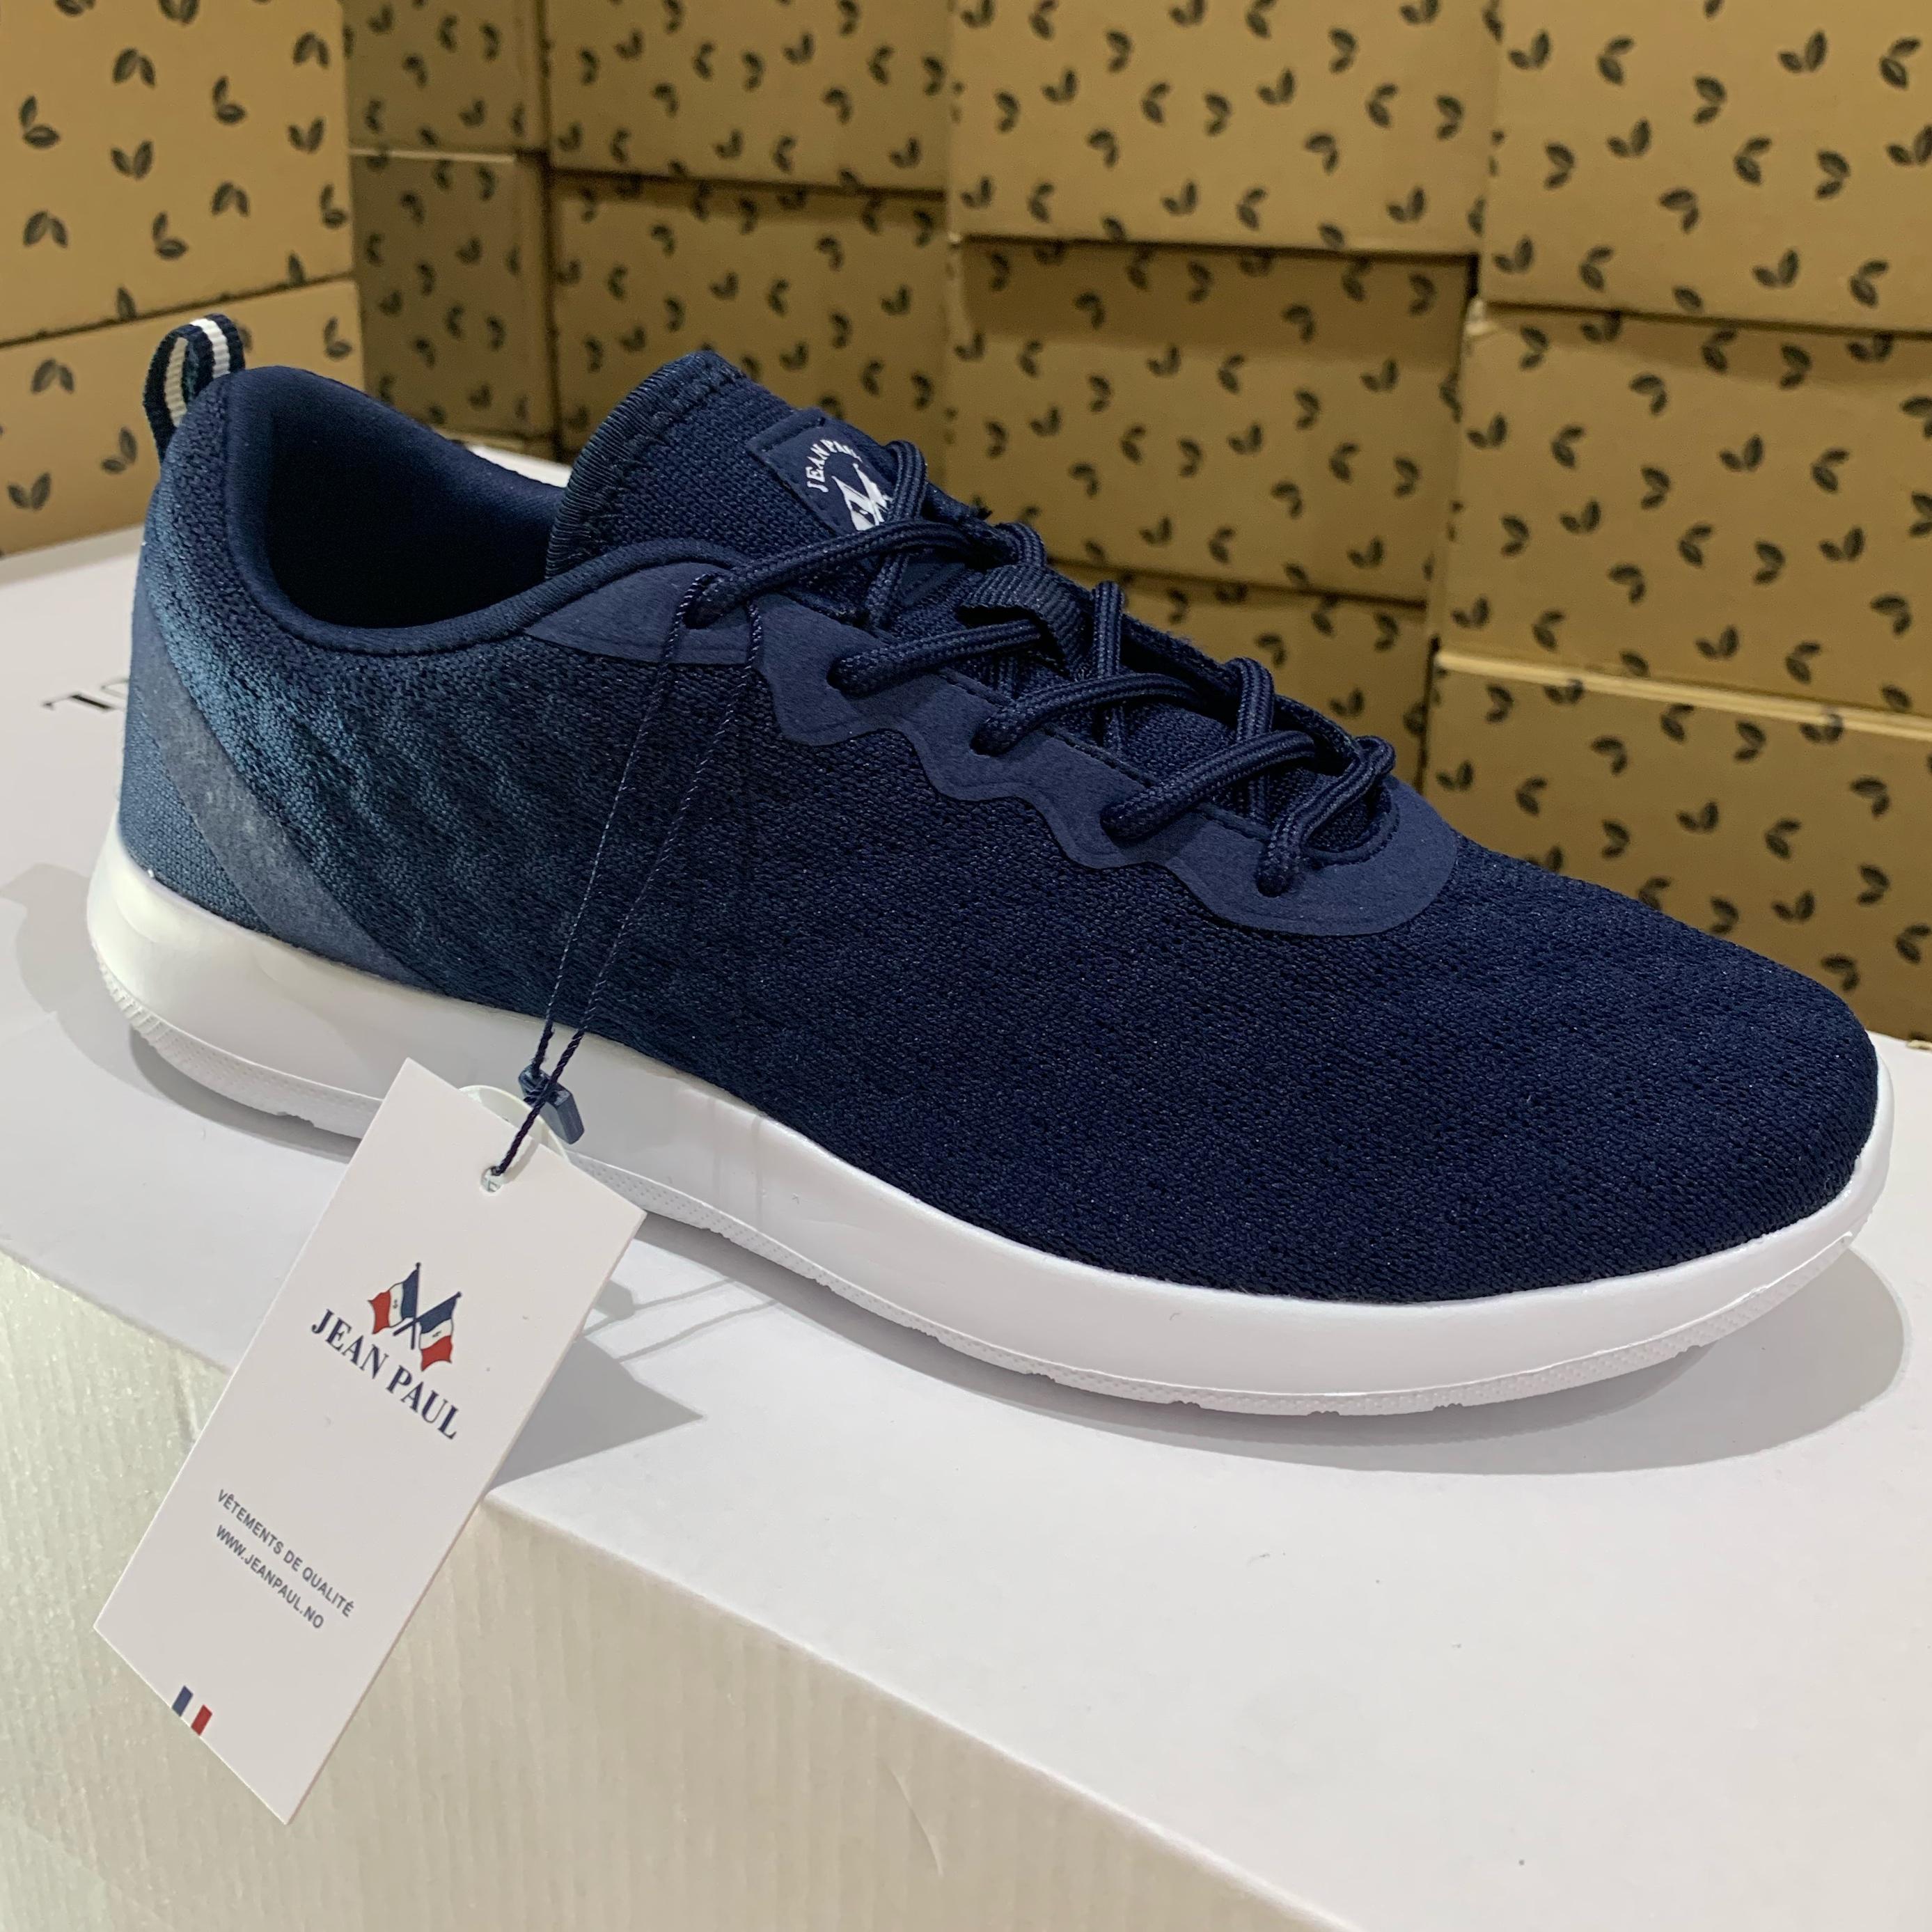 jean paul – fleur ll navy sneakers dame sommessko2